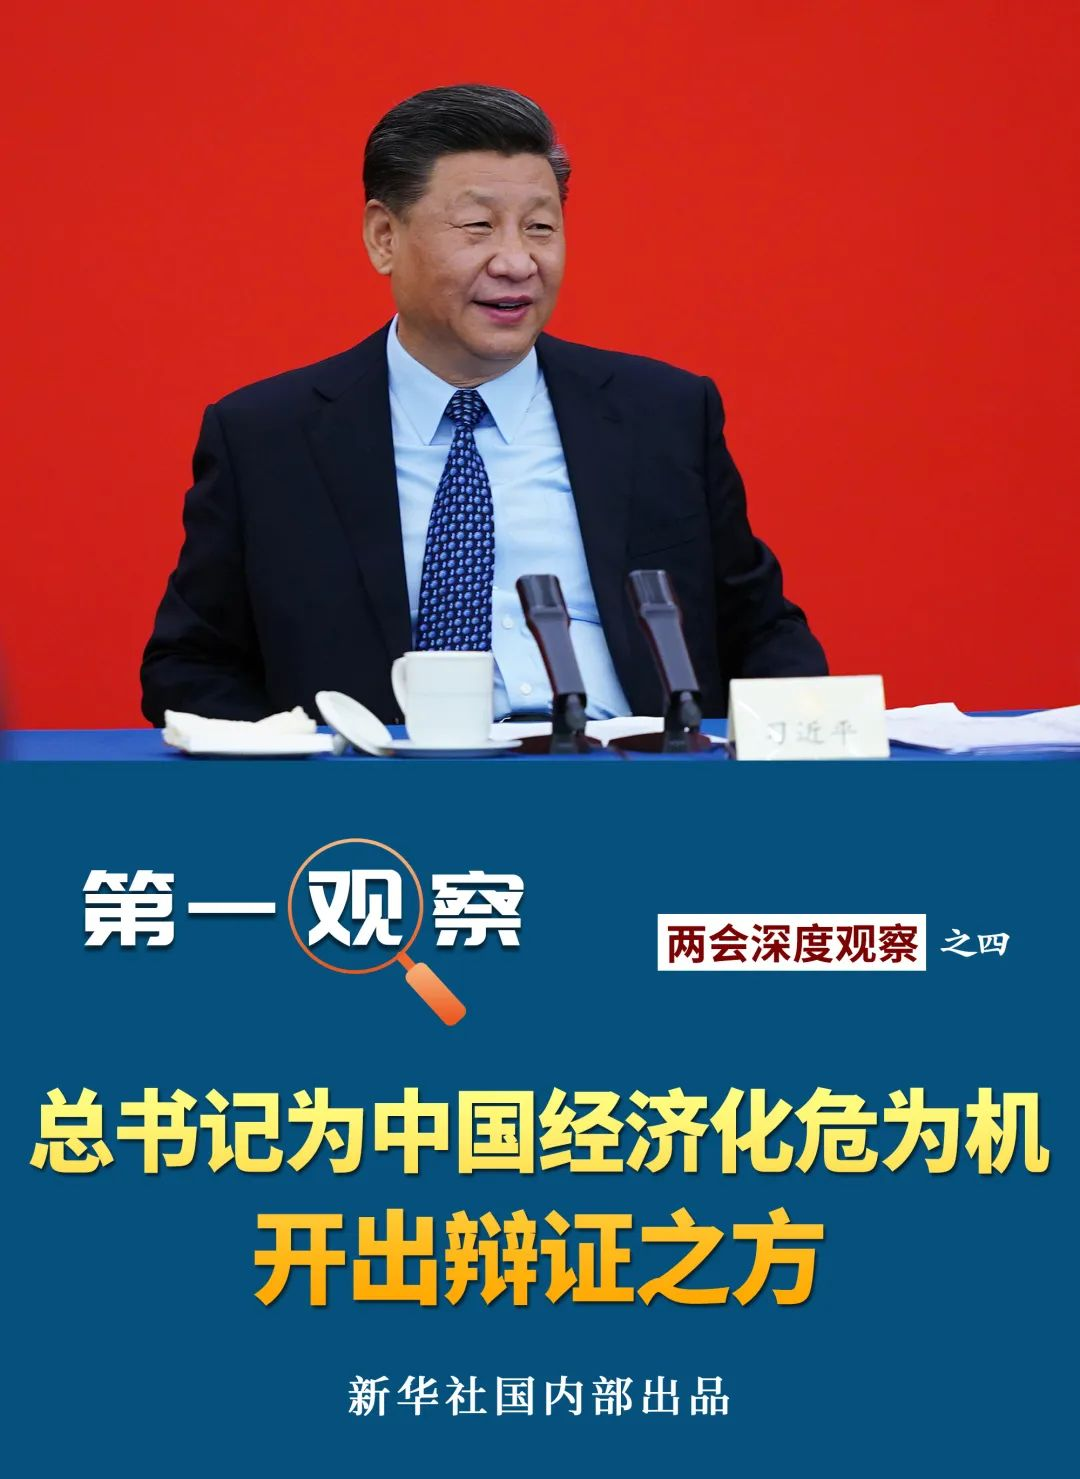 摩鑫主管,中国经摩鑫主管济化危为机开出辩证之方图片